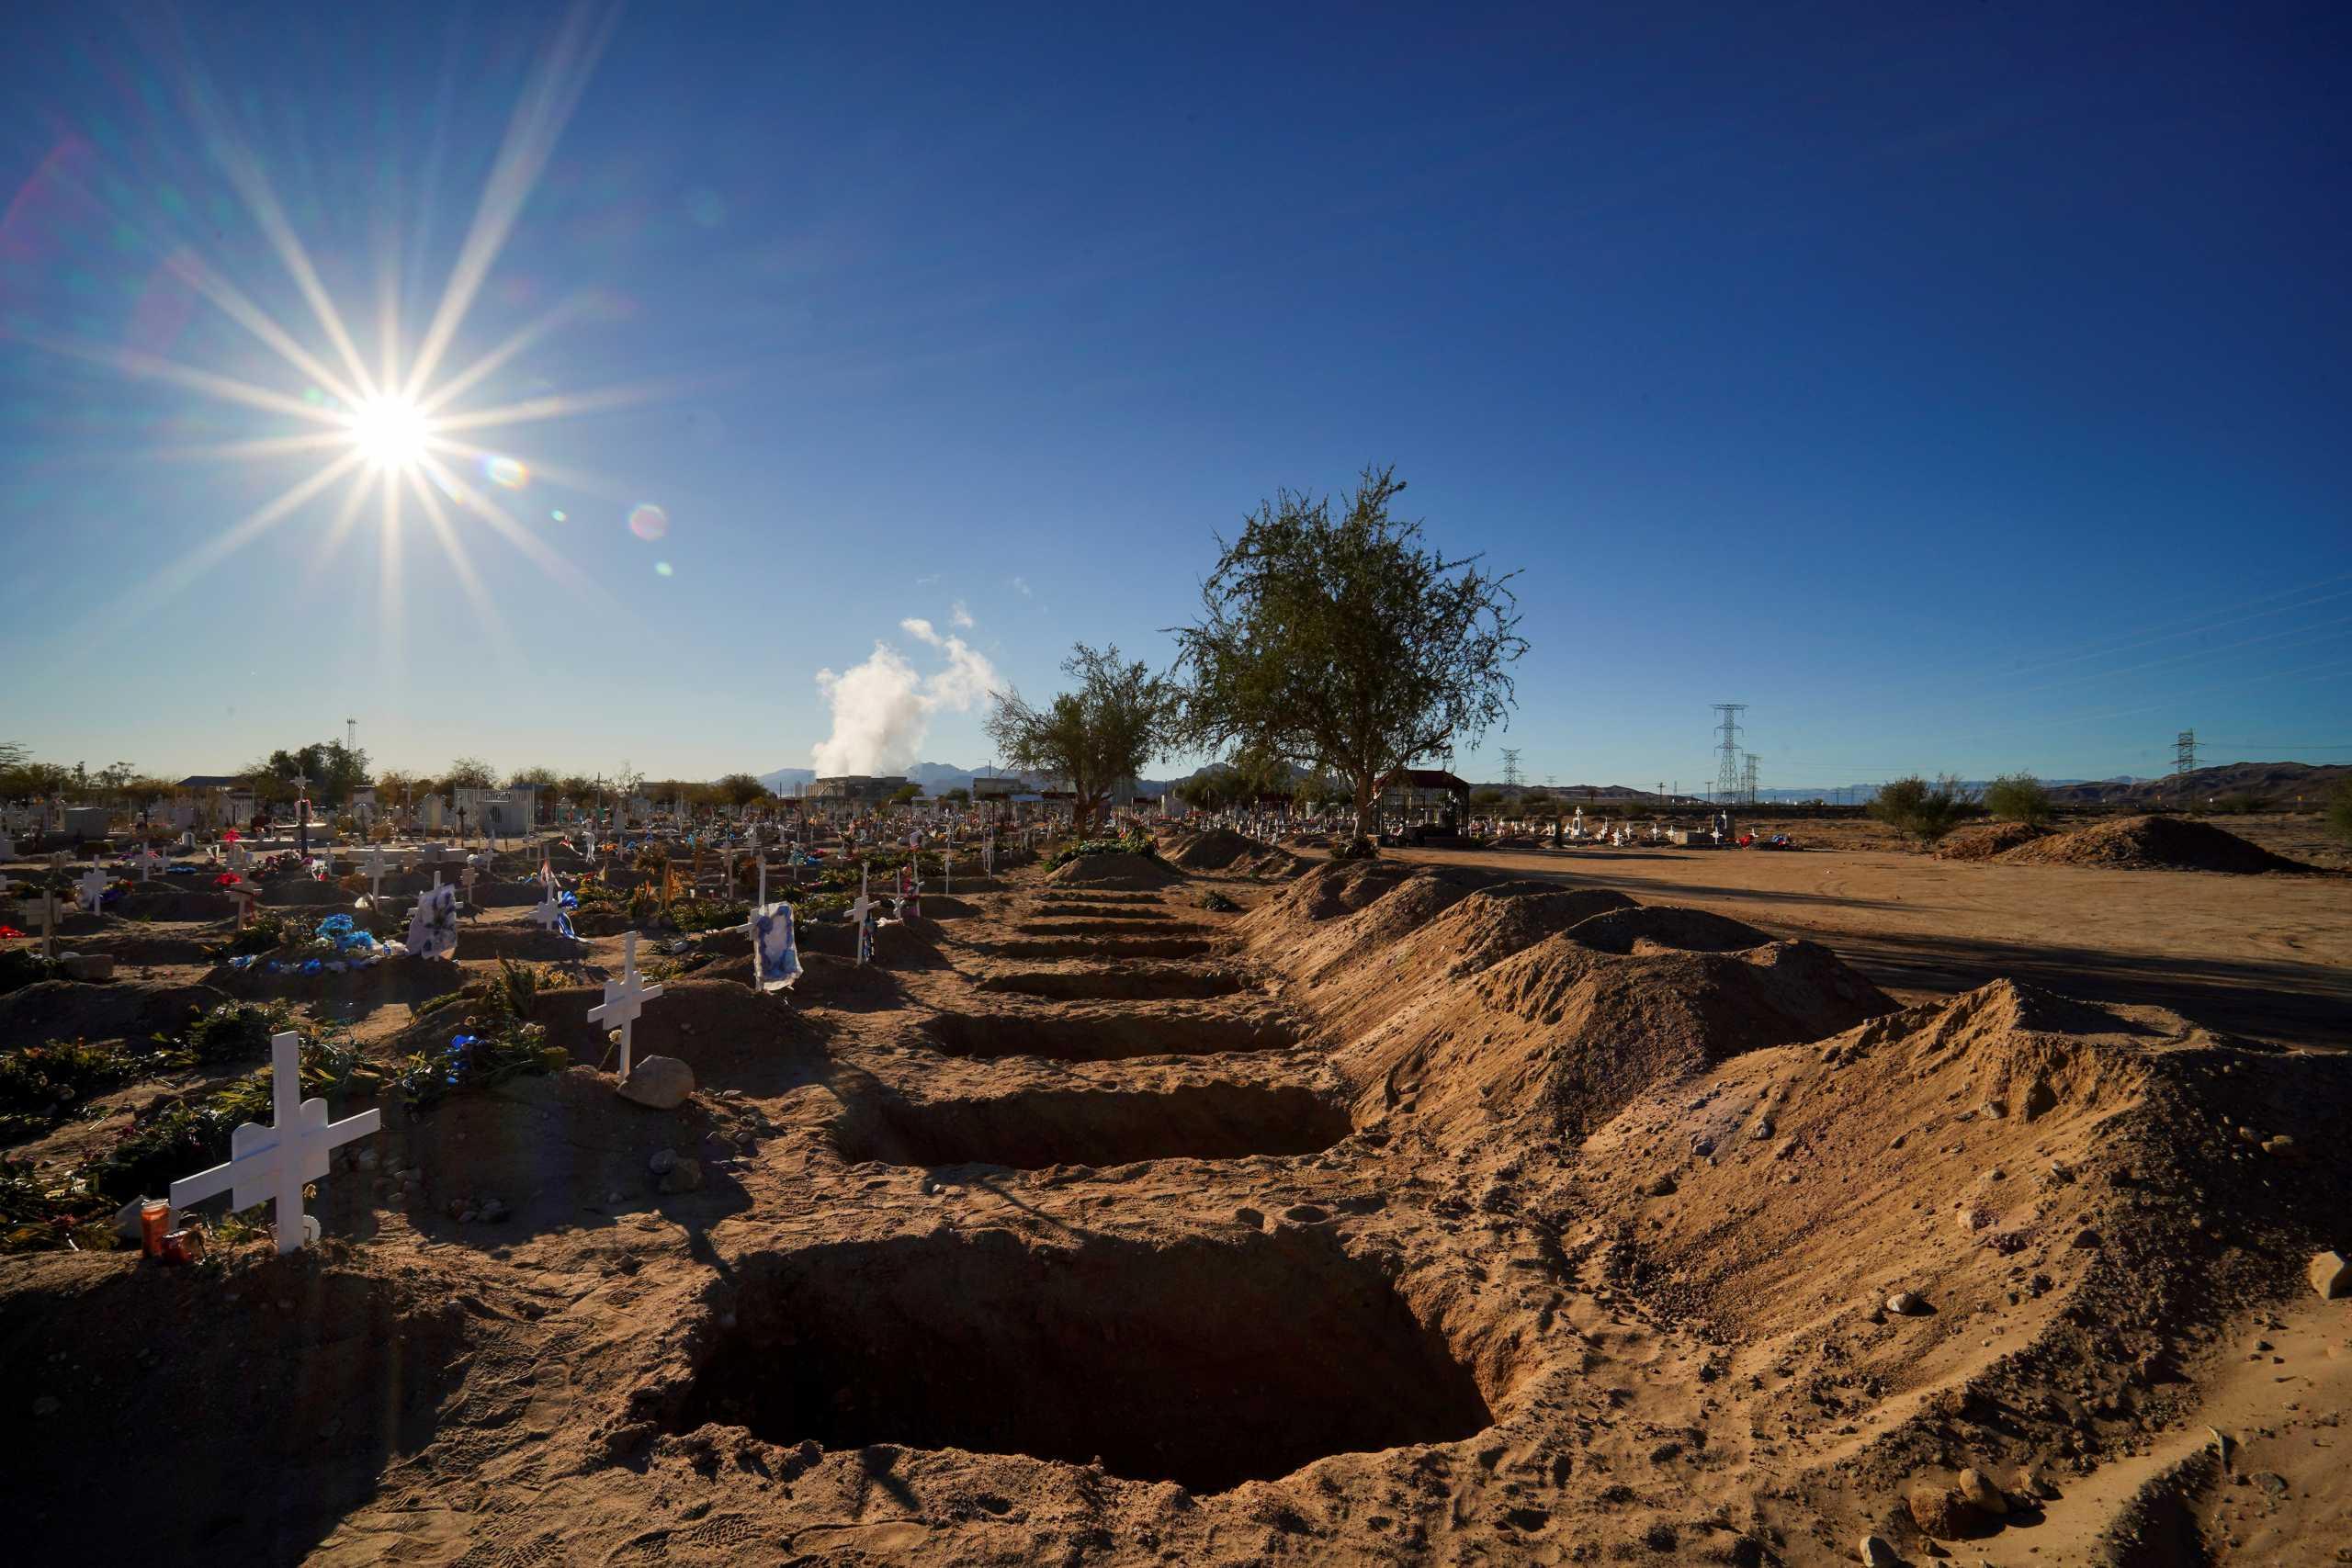 Κορονοϊός: 1.707 νέοι θάνατοι στο Μεξικό, άλλοι 1.254 στην Βραζιλία